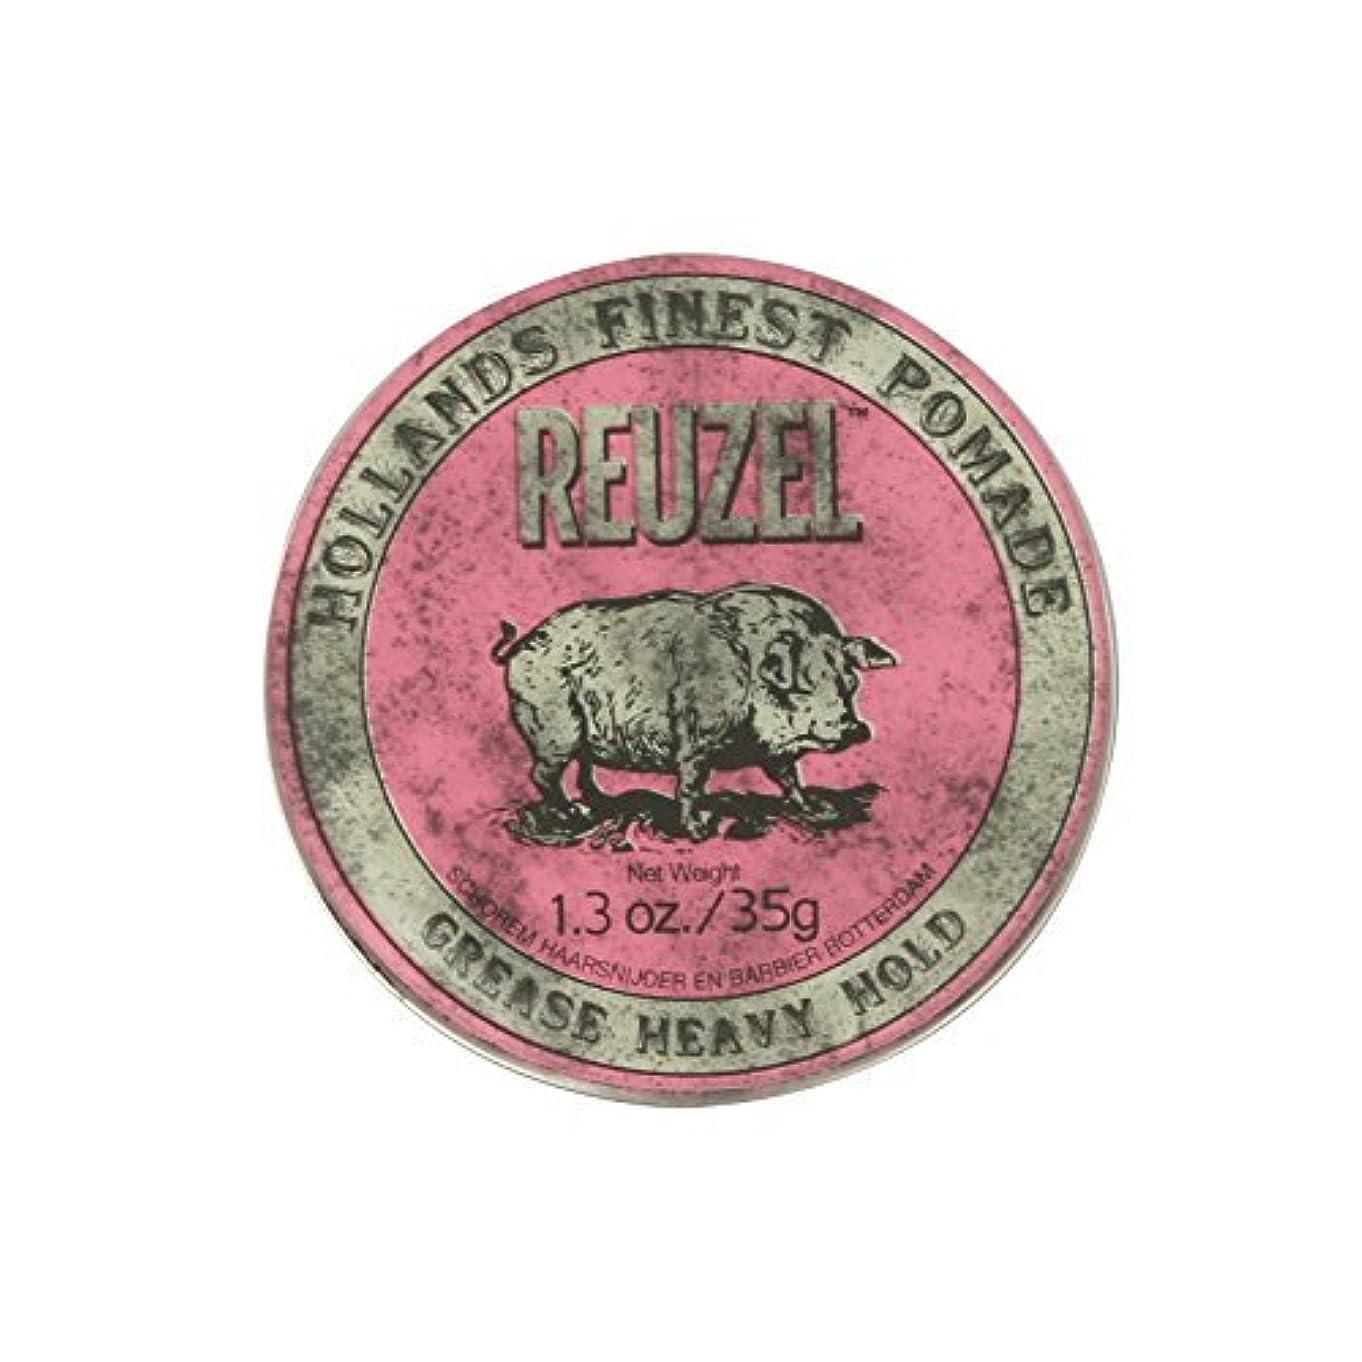 反毒甘い針Reuzel Pink Grease Heavy Hold Pomade Piglet 1.3oz by REUZEL [並行輸入品]